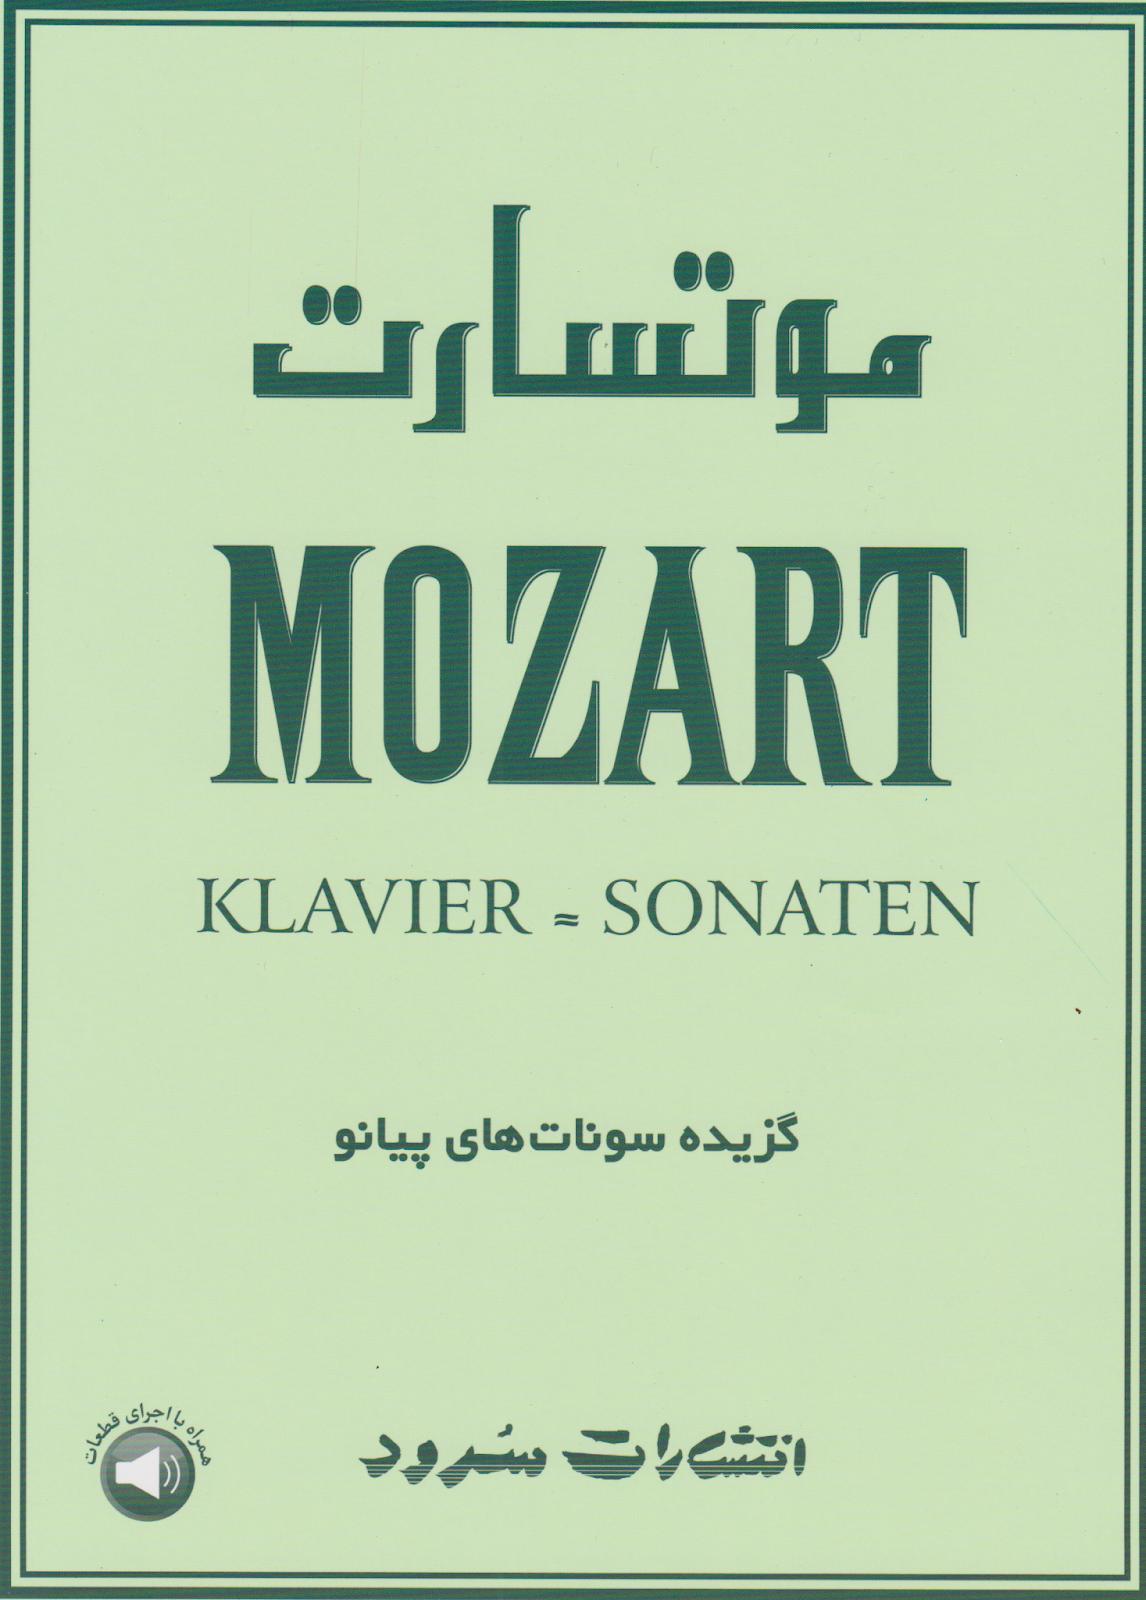 کتاب موتسارت MOZART گزیده سوناتهای پیانو انتشارات سرود